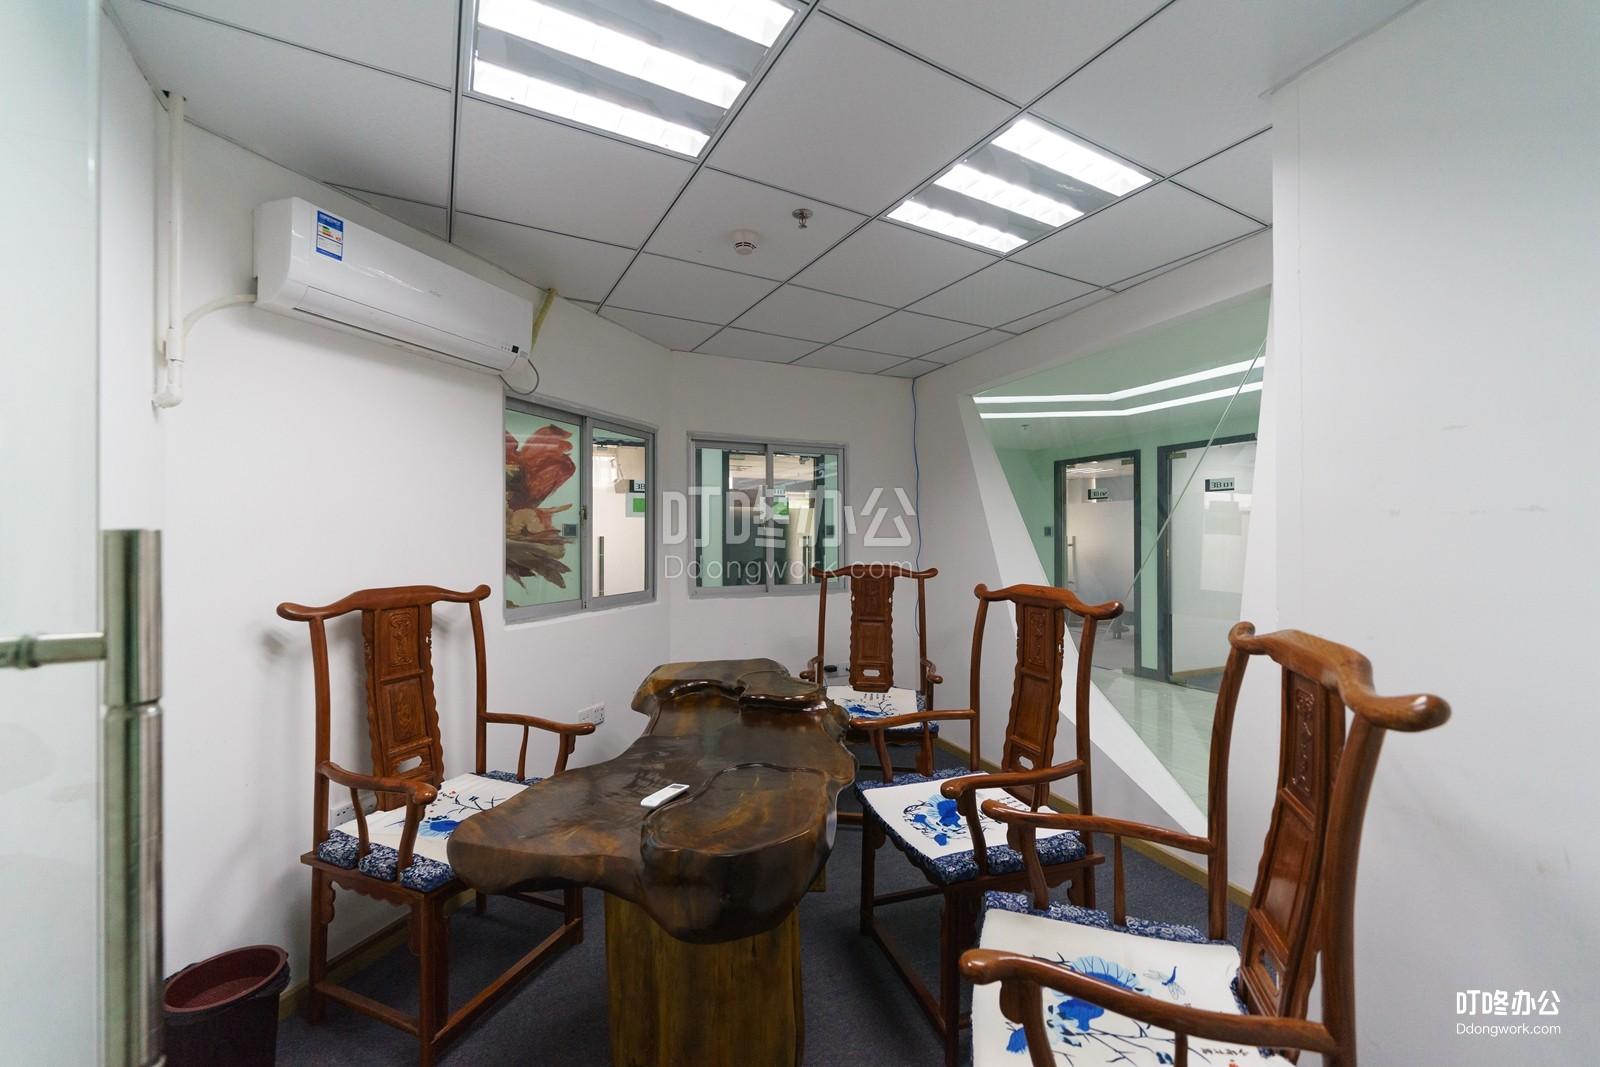 谷粒公社会议室